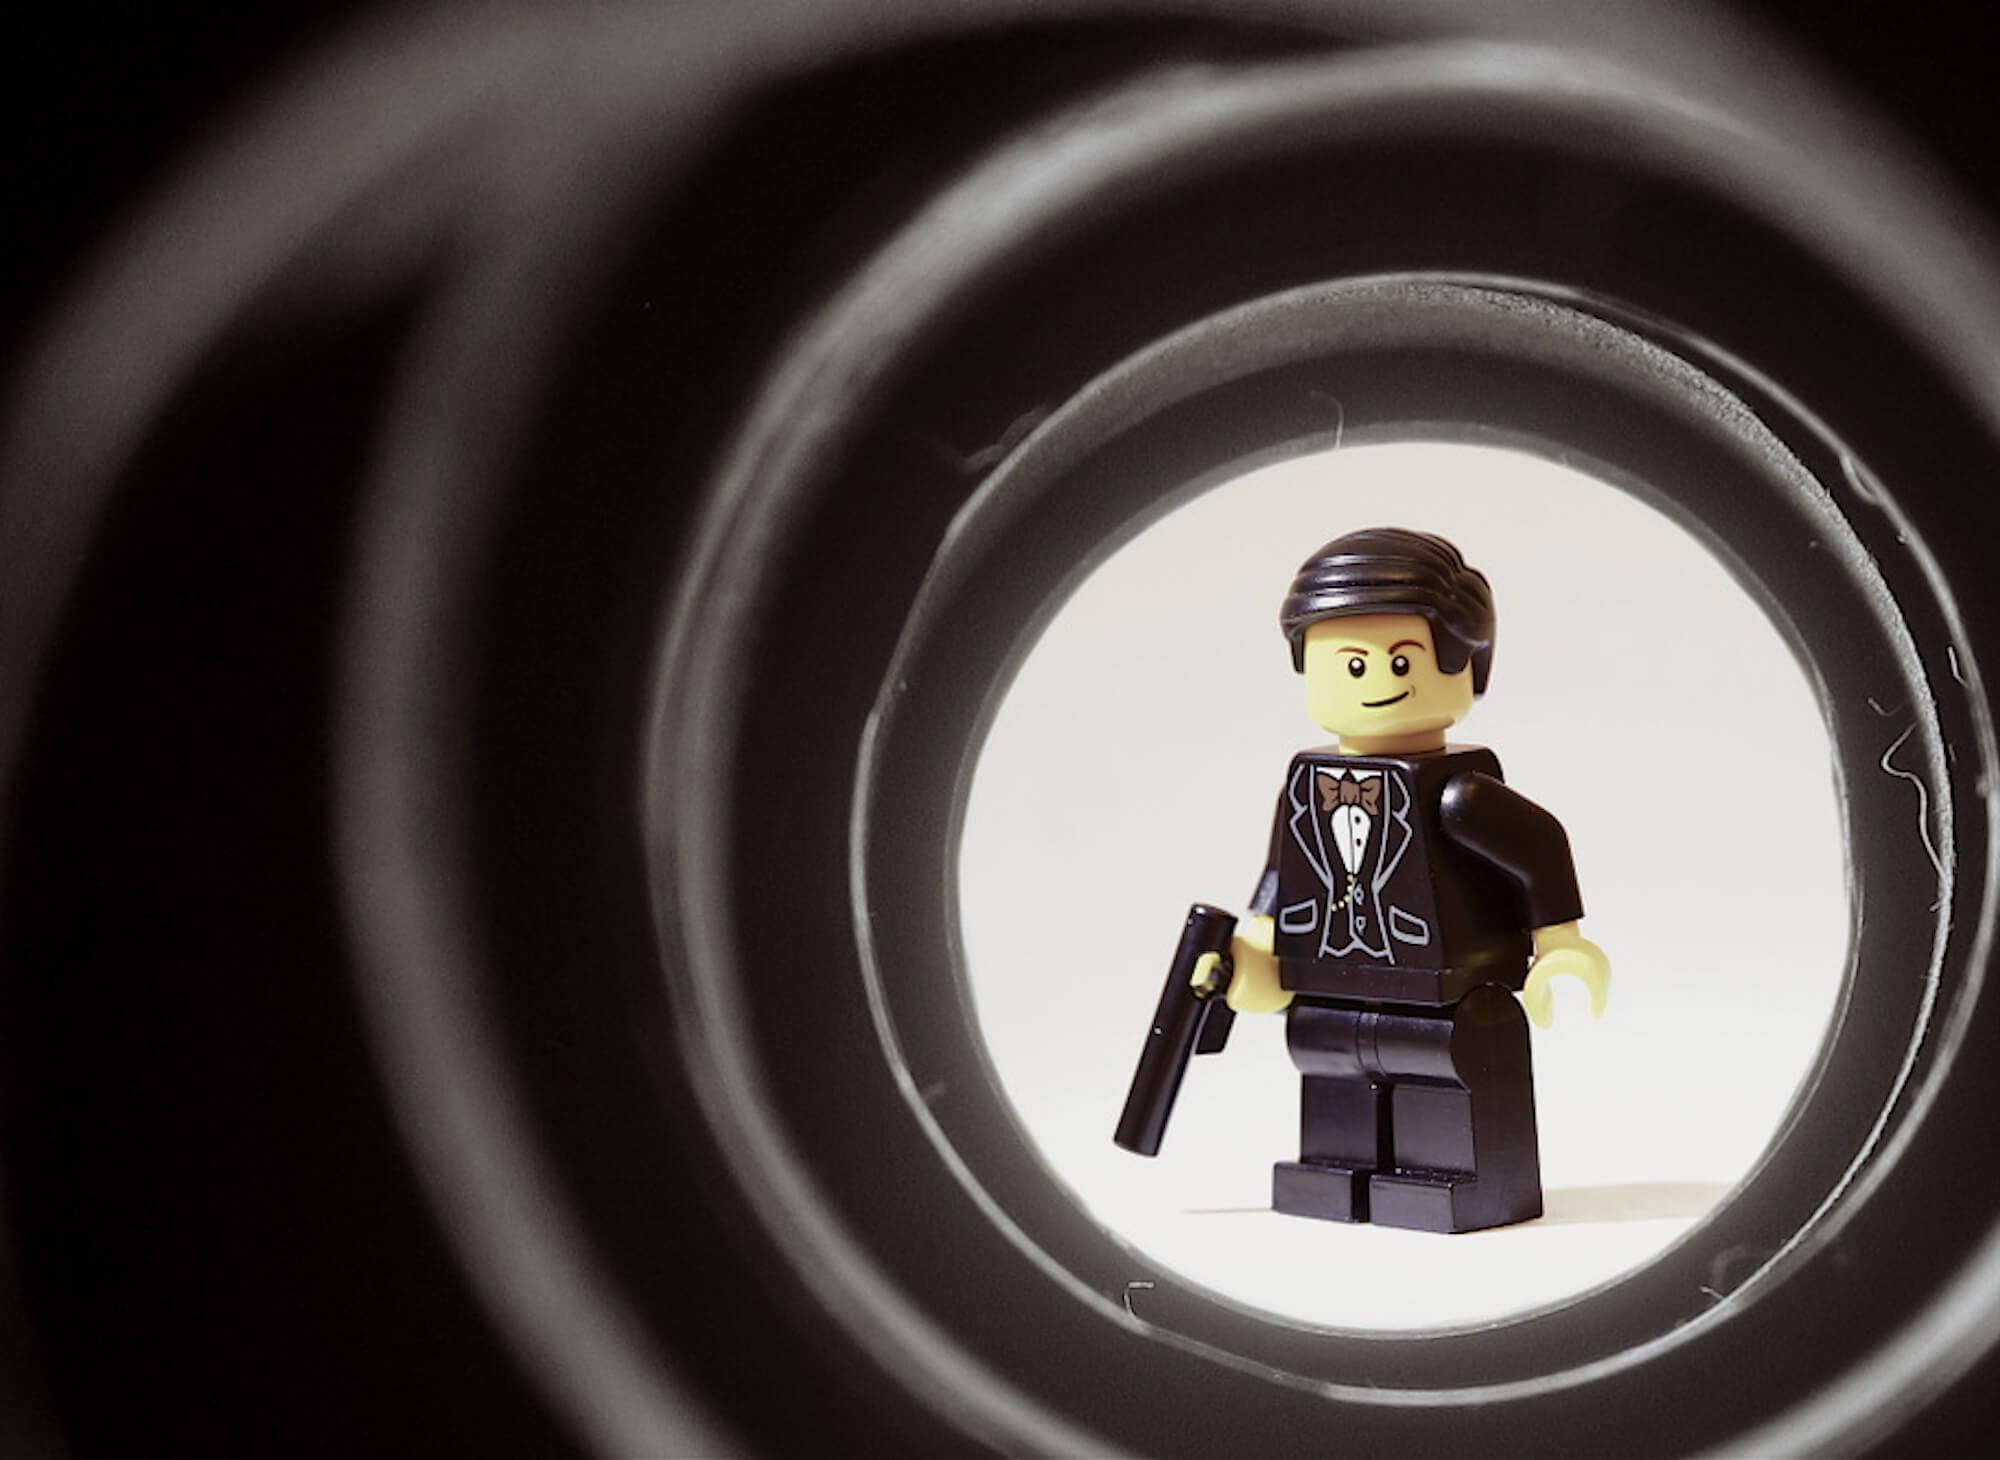 Фотография: Legopicler click. Источник: Flickr.com